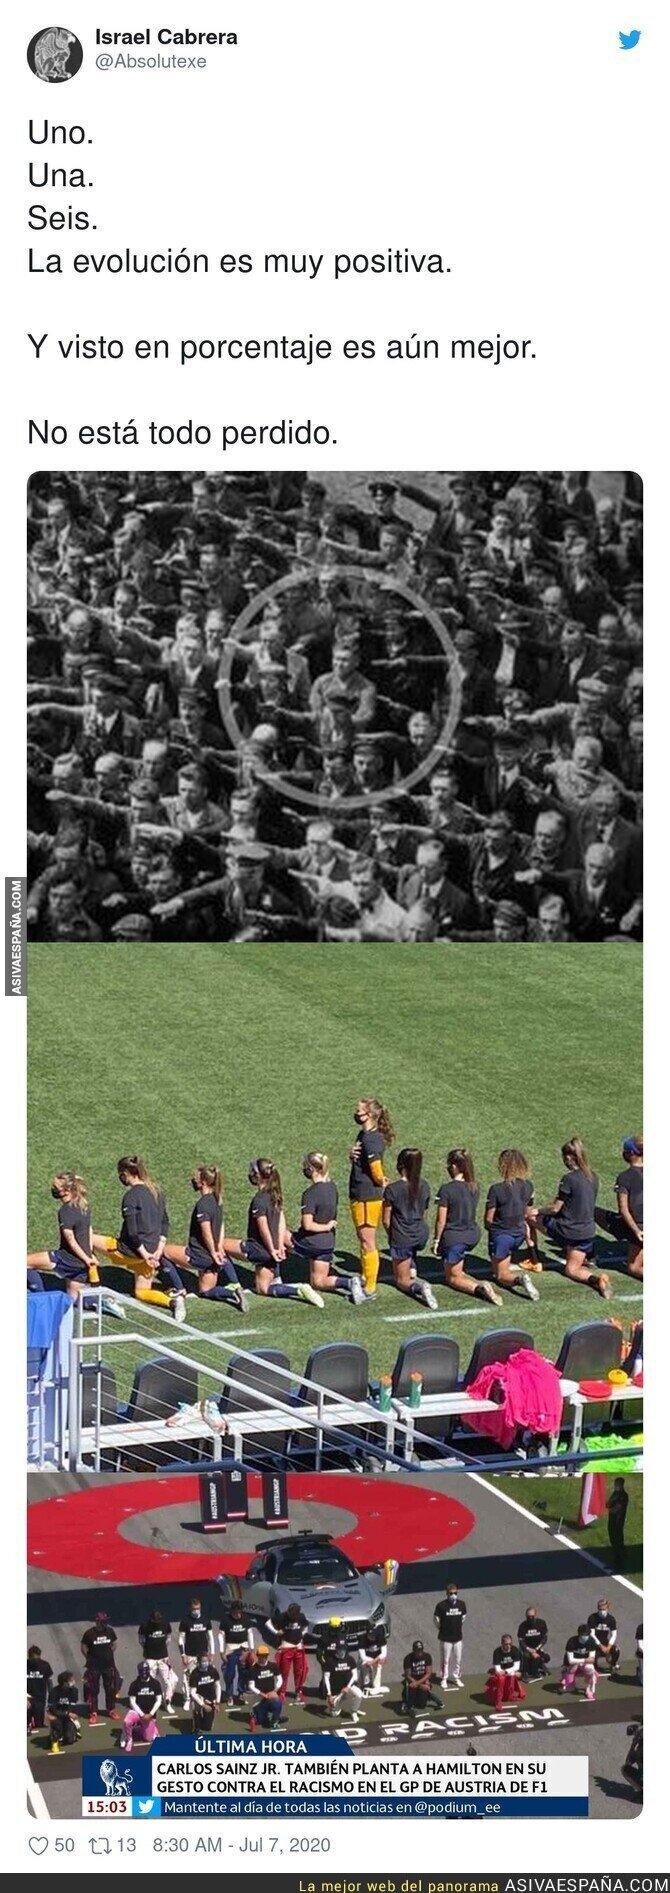 260163 - Hay gente dispuesta a no arrodillarse ante el racismo